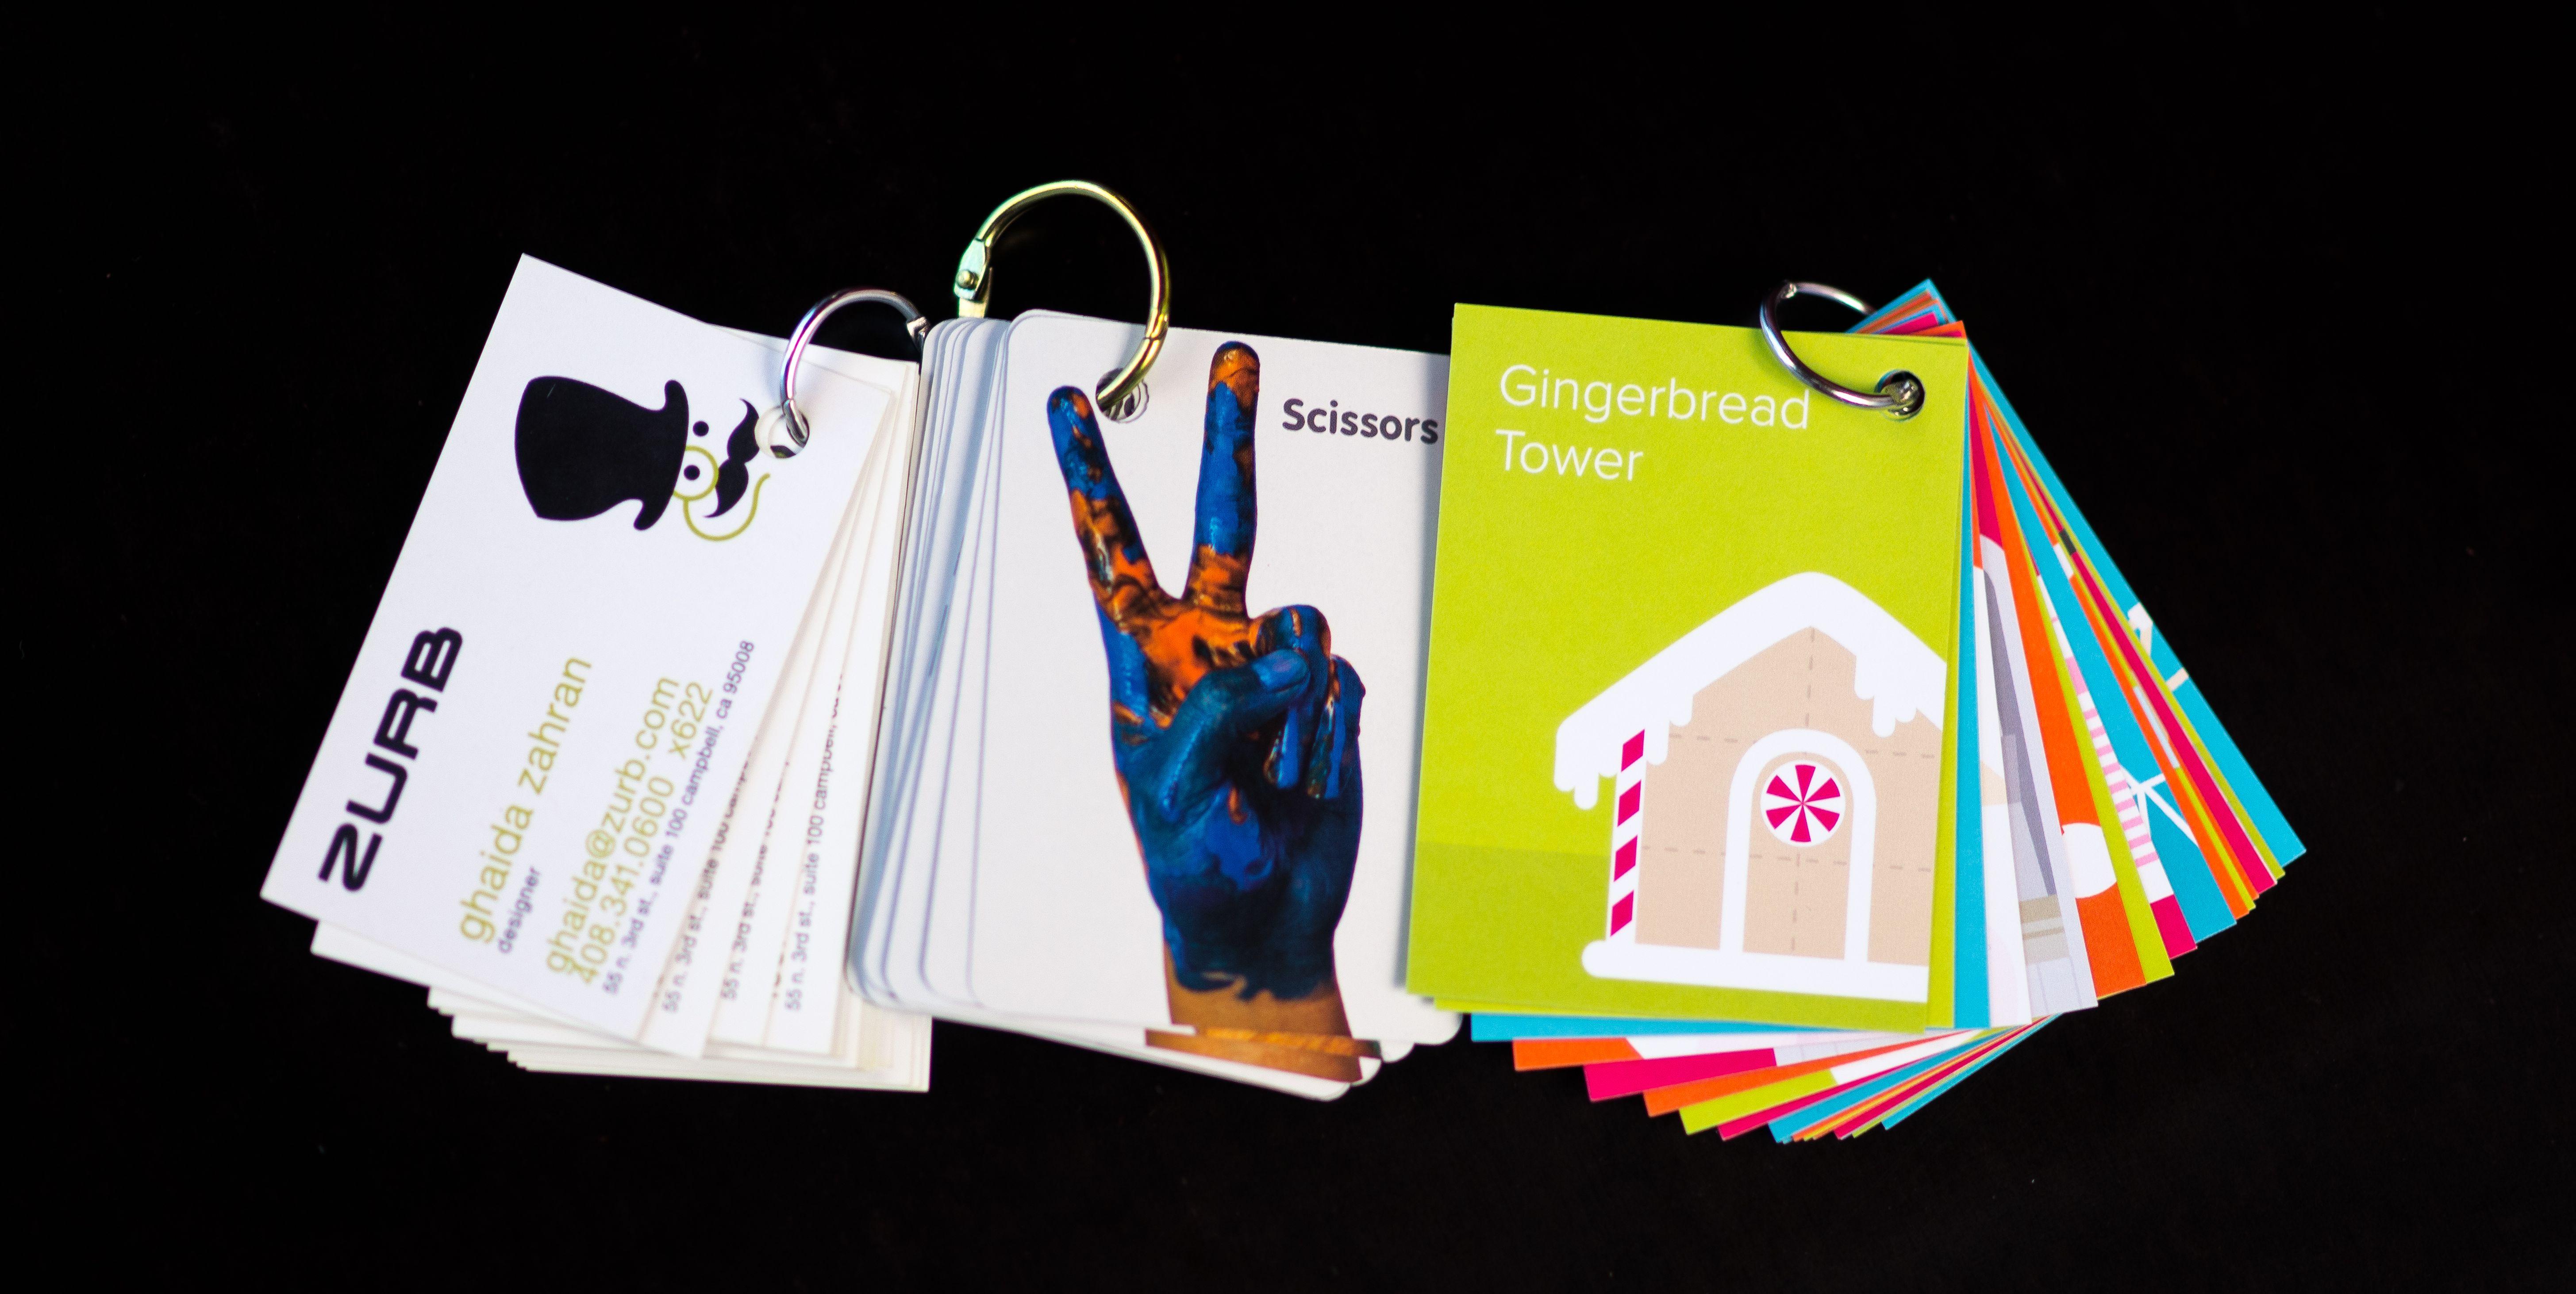 prototype cards